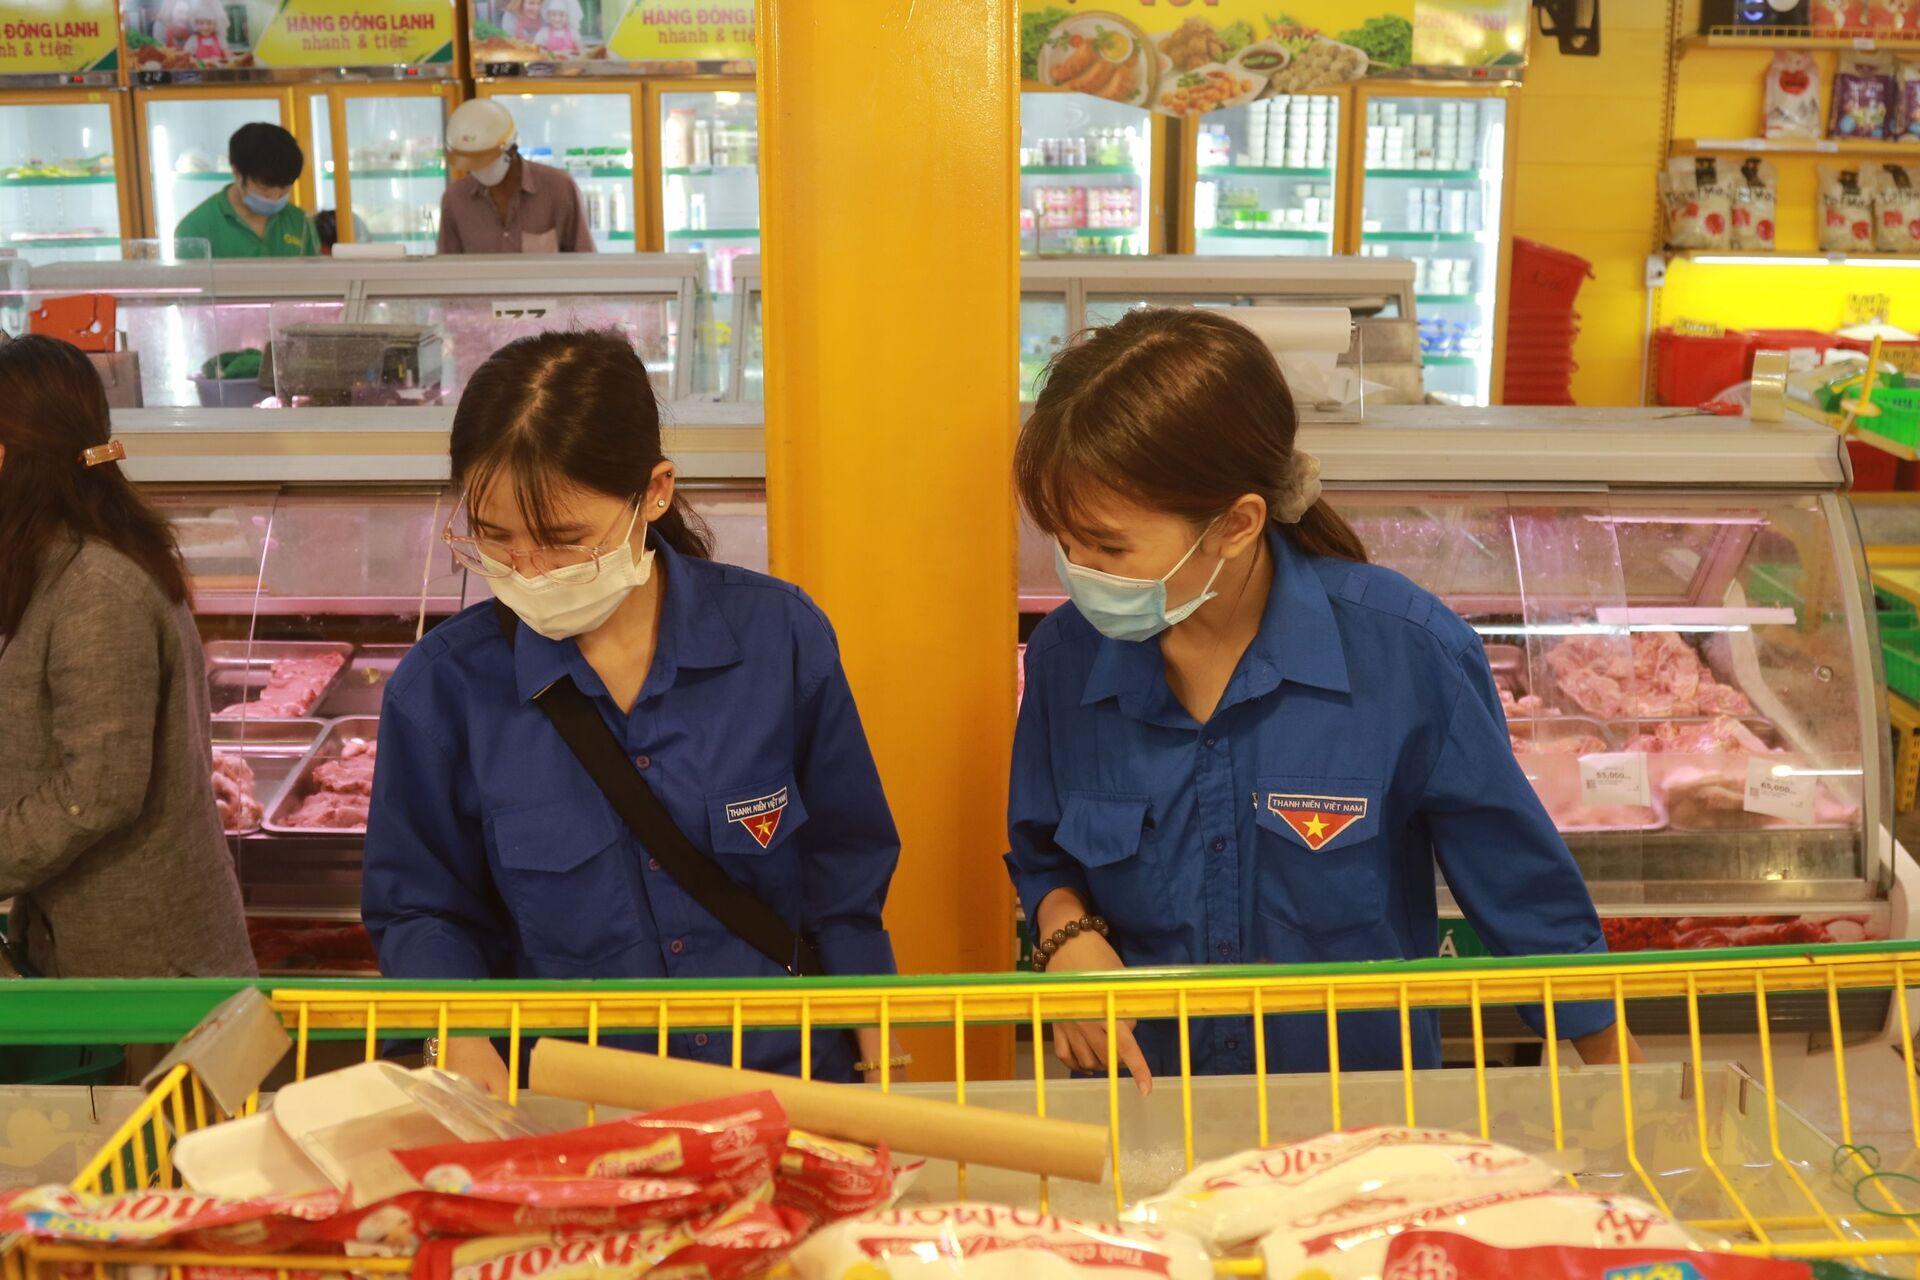 Đại diện các siêu thị ở TP HCM trấn an: 'Đừng hoảng sợ khi thấy kệ hàng trống' - Sputnik Việt Nam, 1920, 15.07.2021